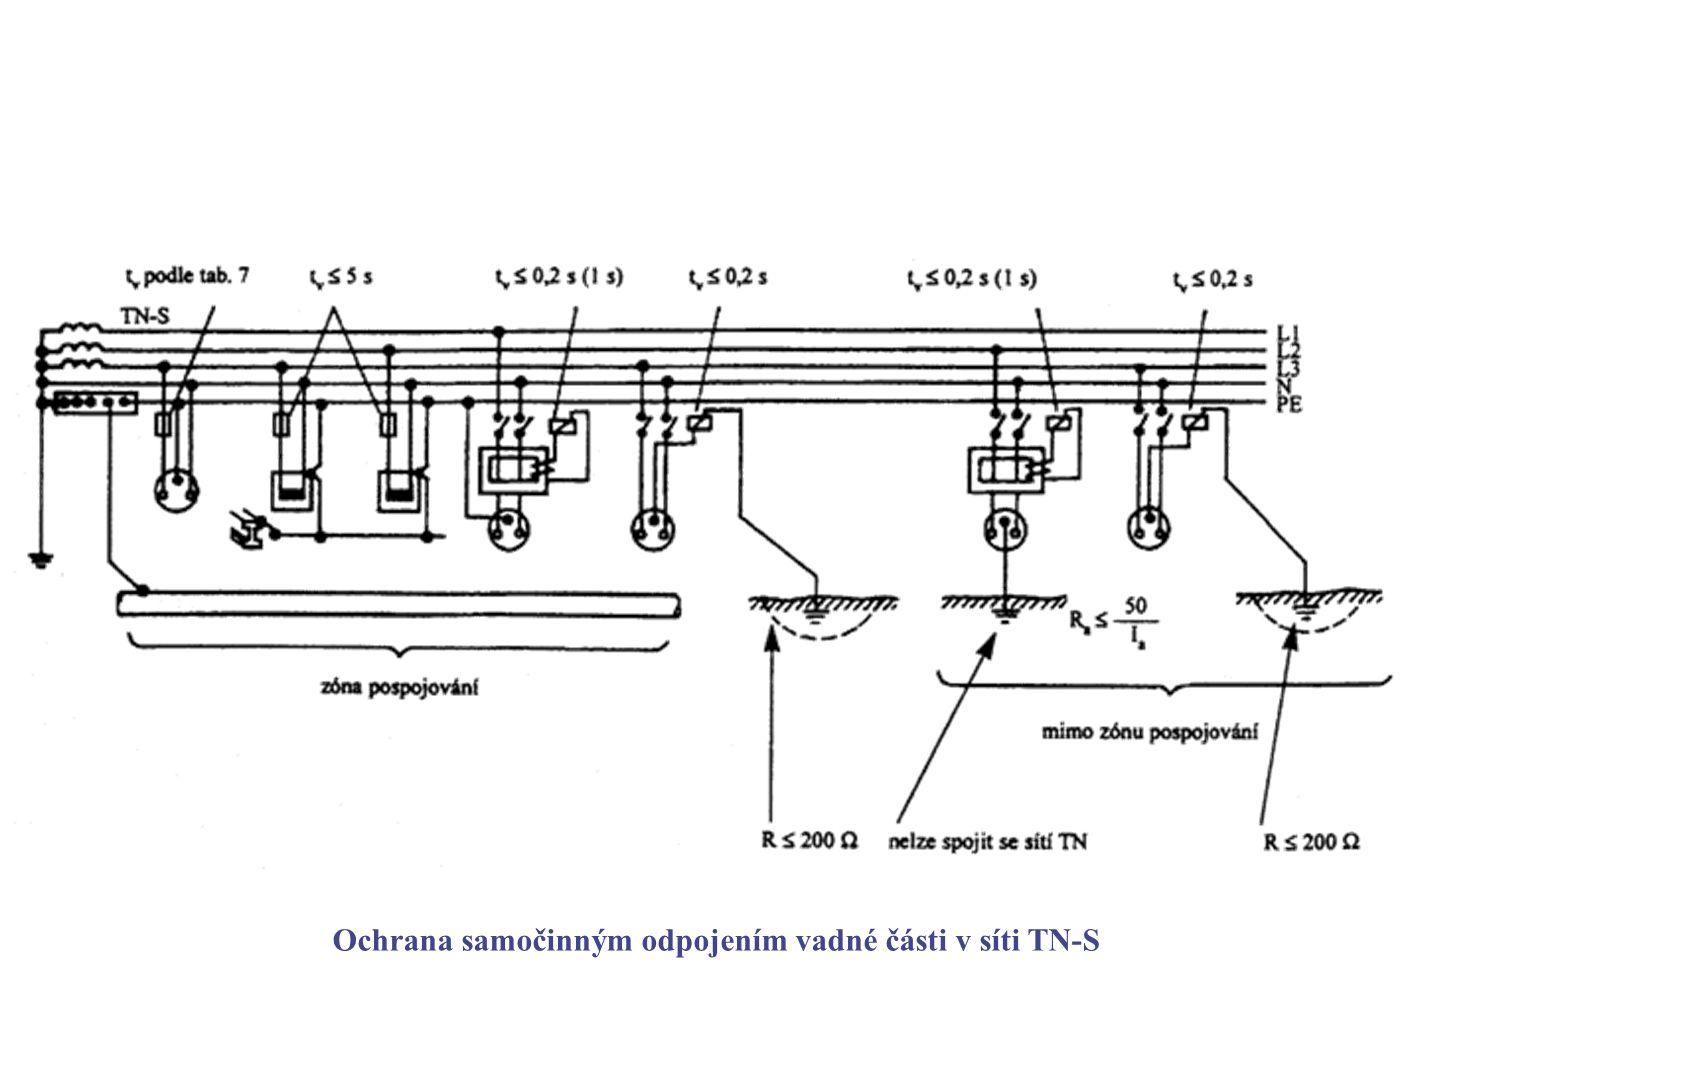 Ochrana samočinným odpojením vadné části v síti TN-S